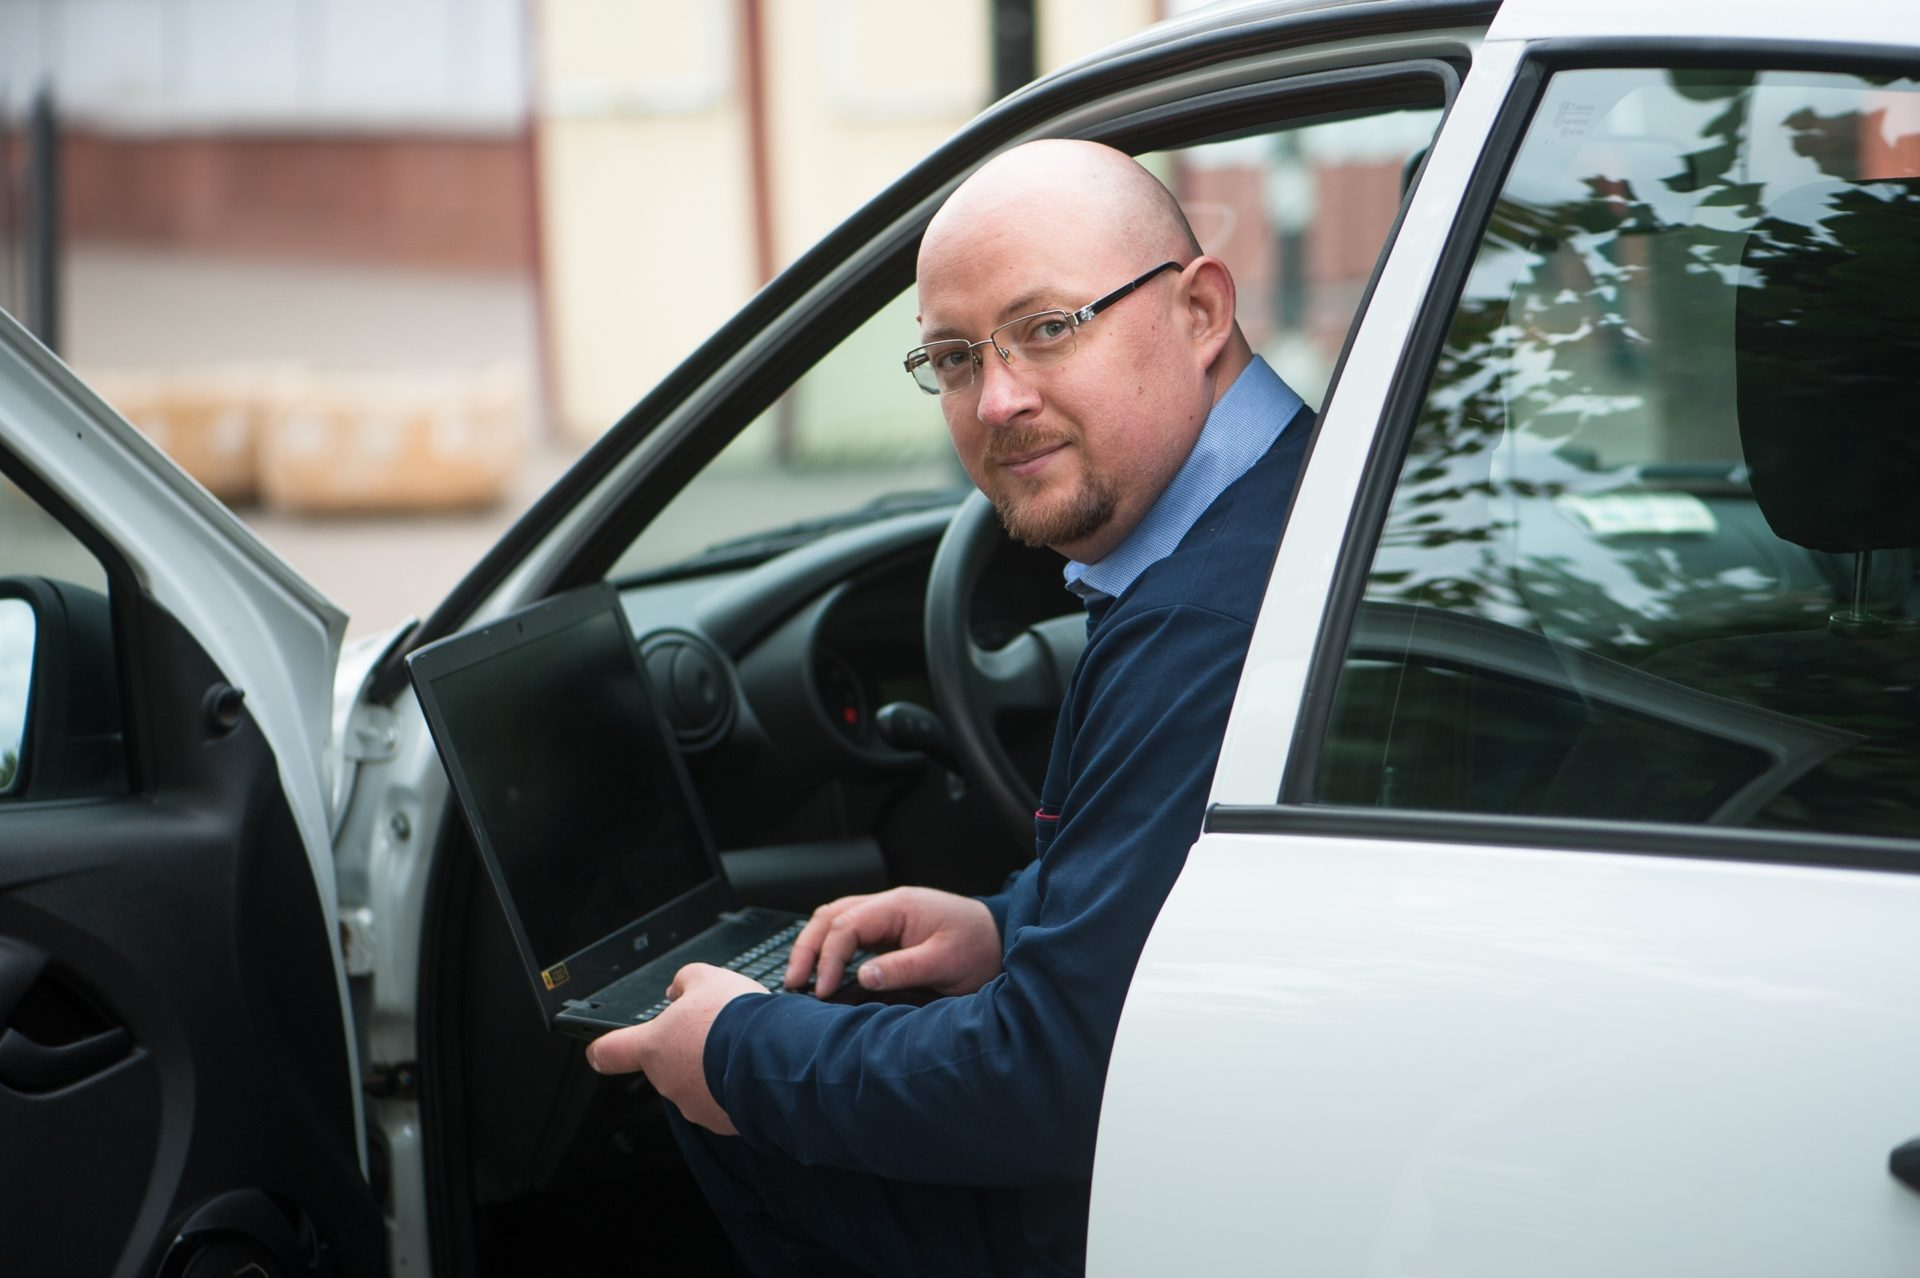 Как Станислав Козырьков уволился с найма и увеличил свои доходы с помощью таргетинга